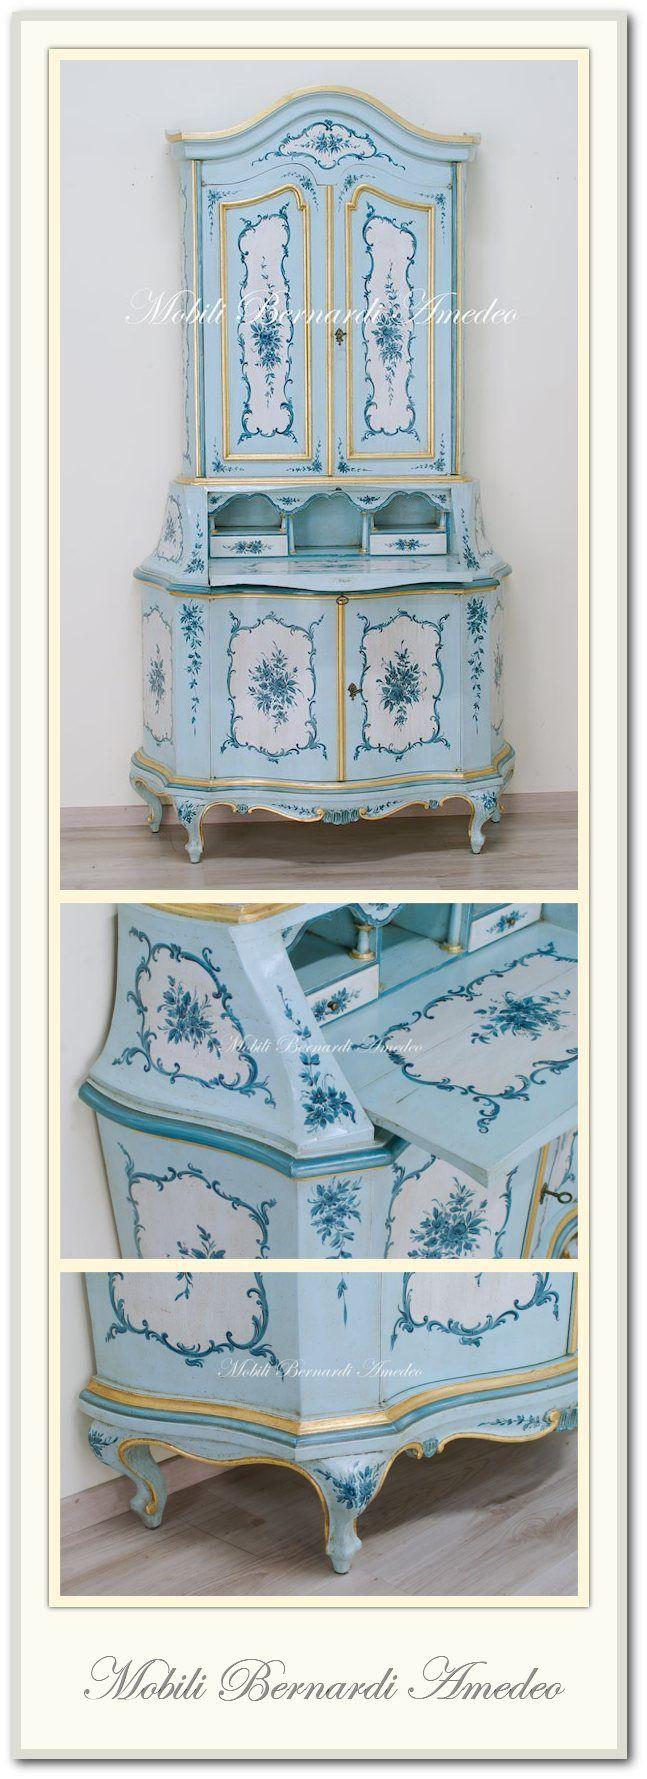 Trumeau sagomato in stile veneziano, laccatura con decori floreali e volute barocche, colori celeste avorio e azzurro